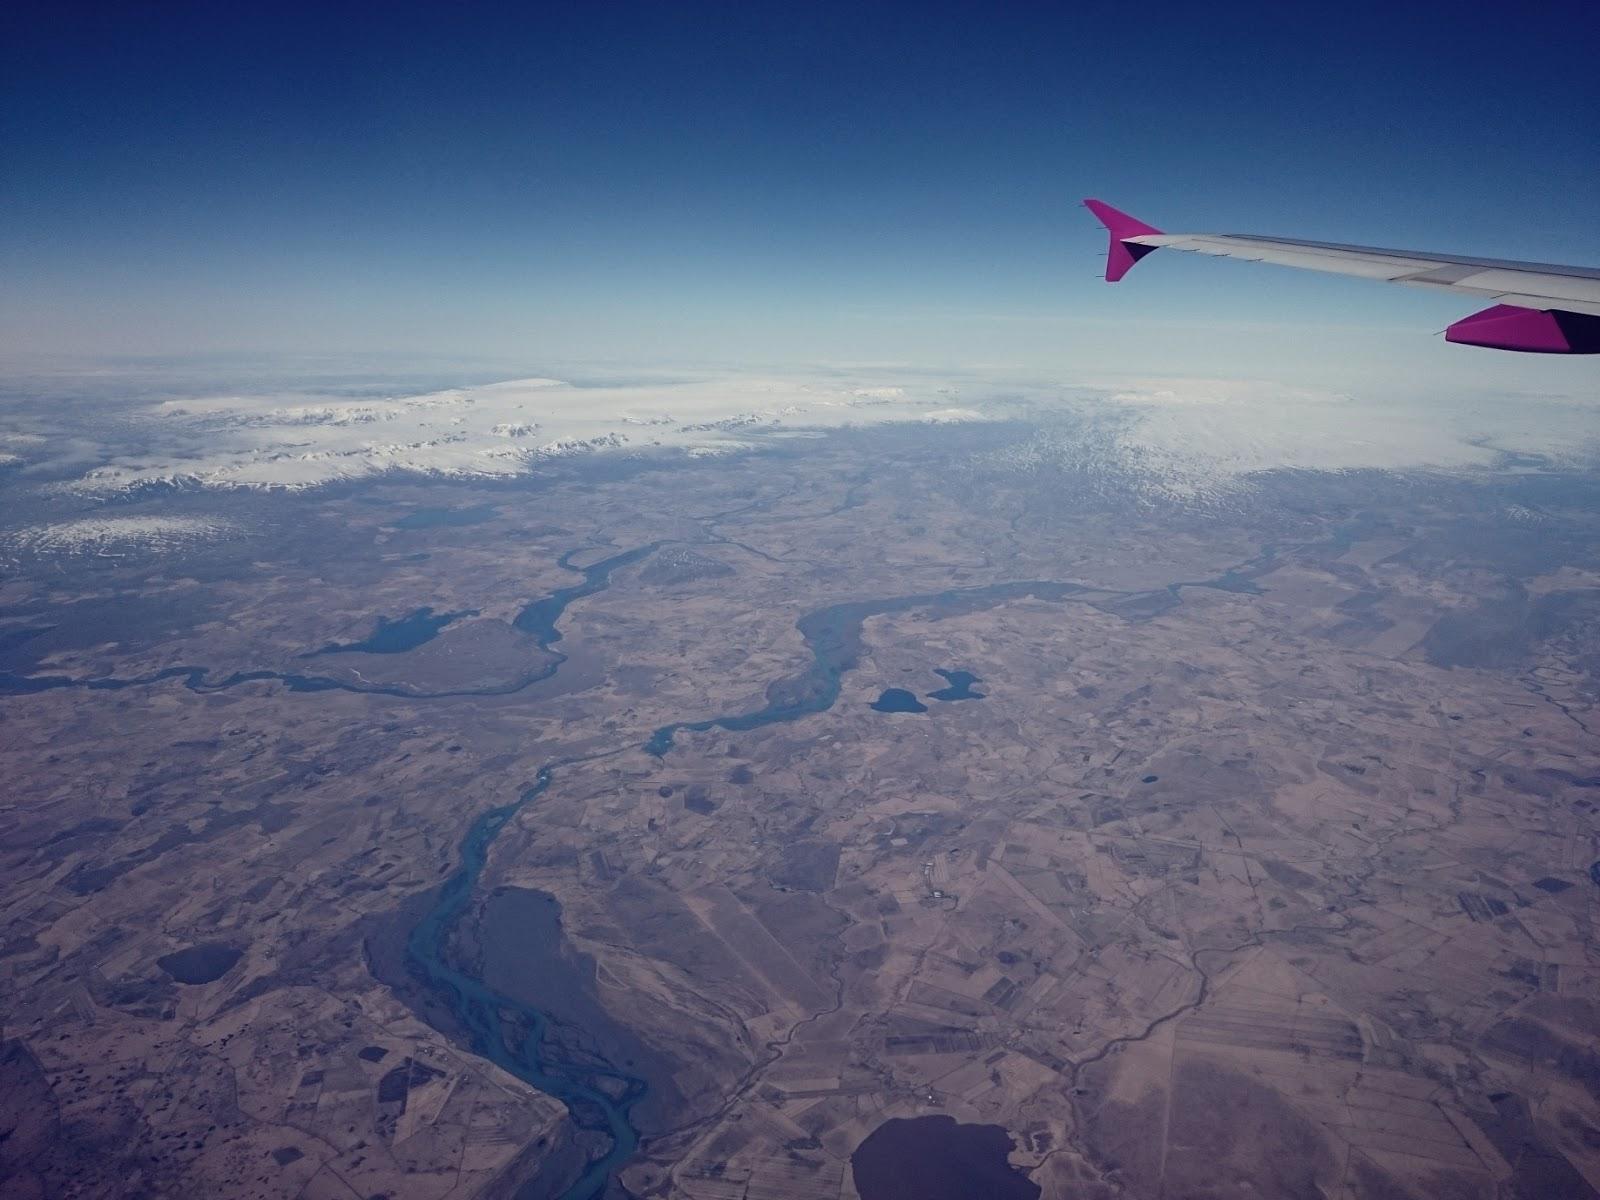 Lot nad Islandią, lot, Islandia, Islandia z samolotu, samolot, na pokładzie, widok z samolotu, panidorcia, podróż dookoła świata, lot dookoła świata, bilet lotniczy, podróże, Islandia, natura, fotografia, blog o Islandii